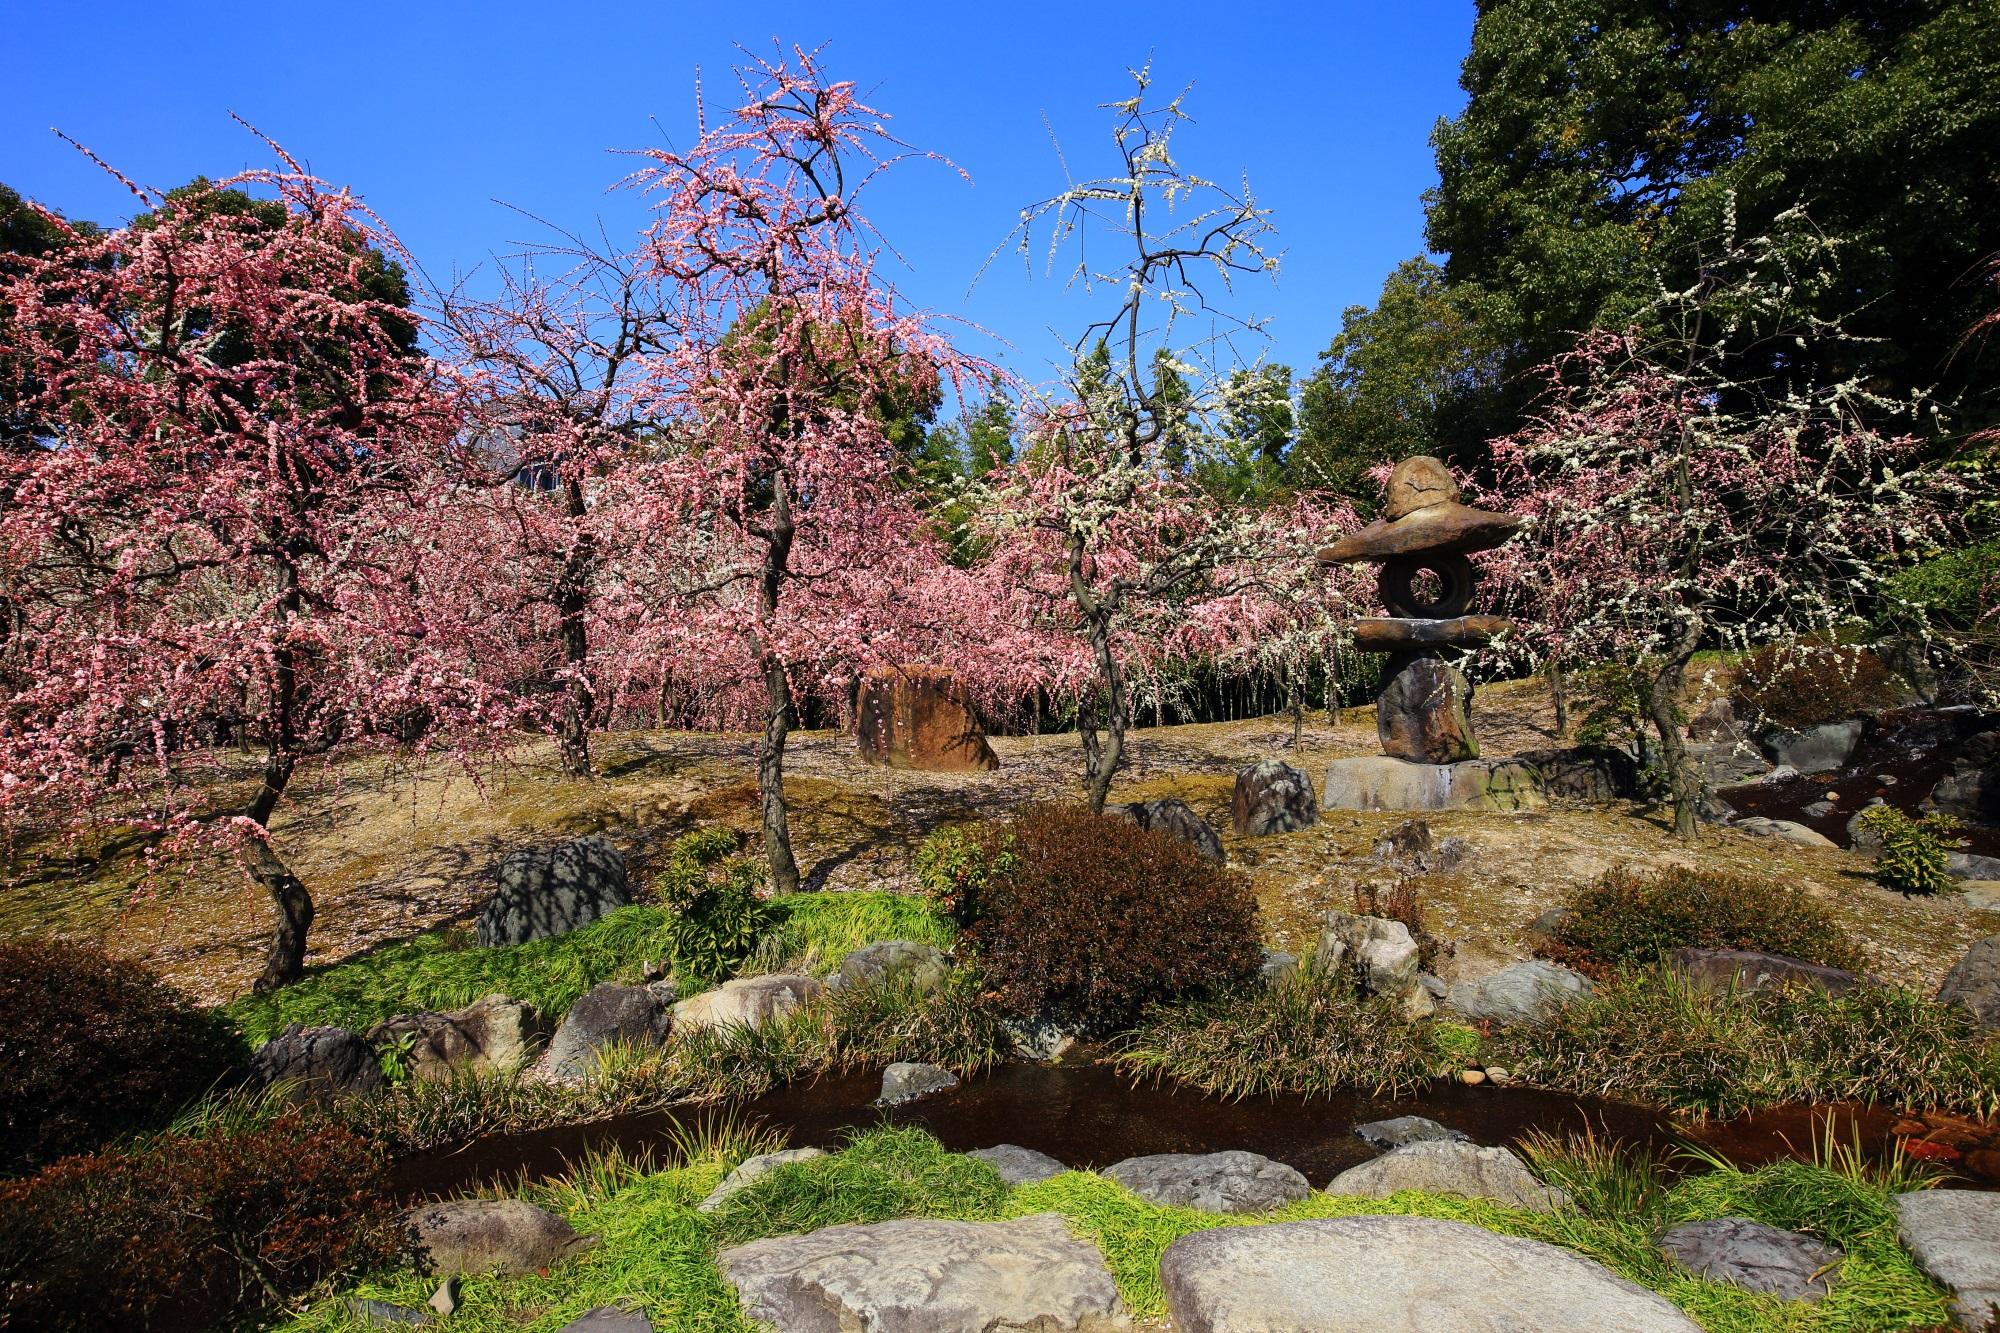 城南宮の素晴らしいしだれ梅と春の情景